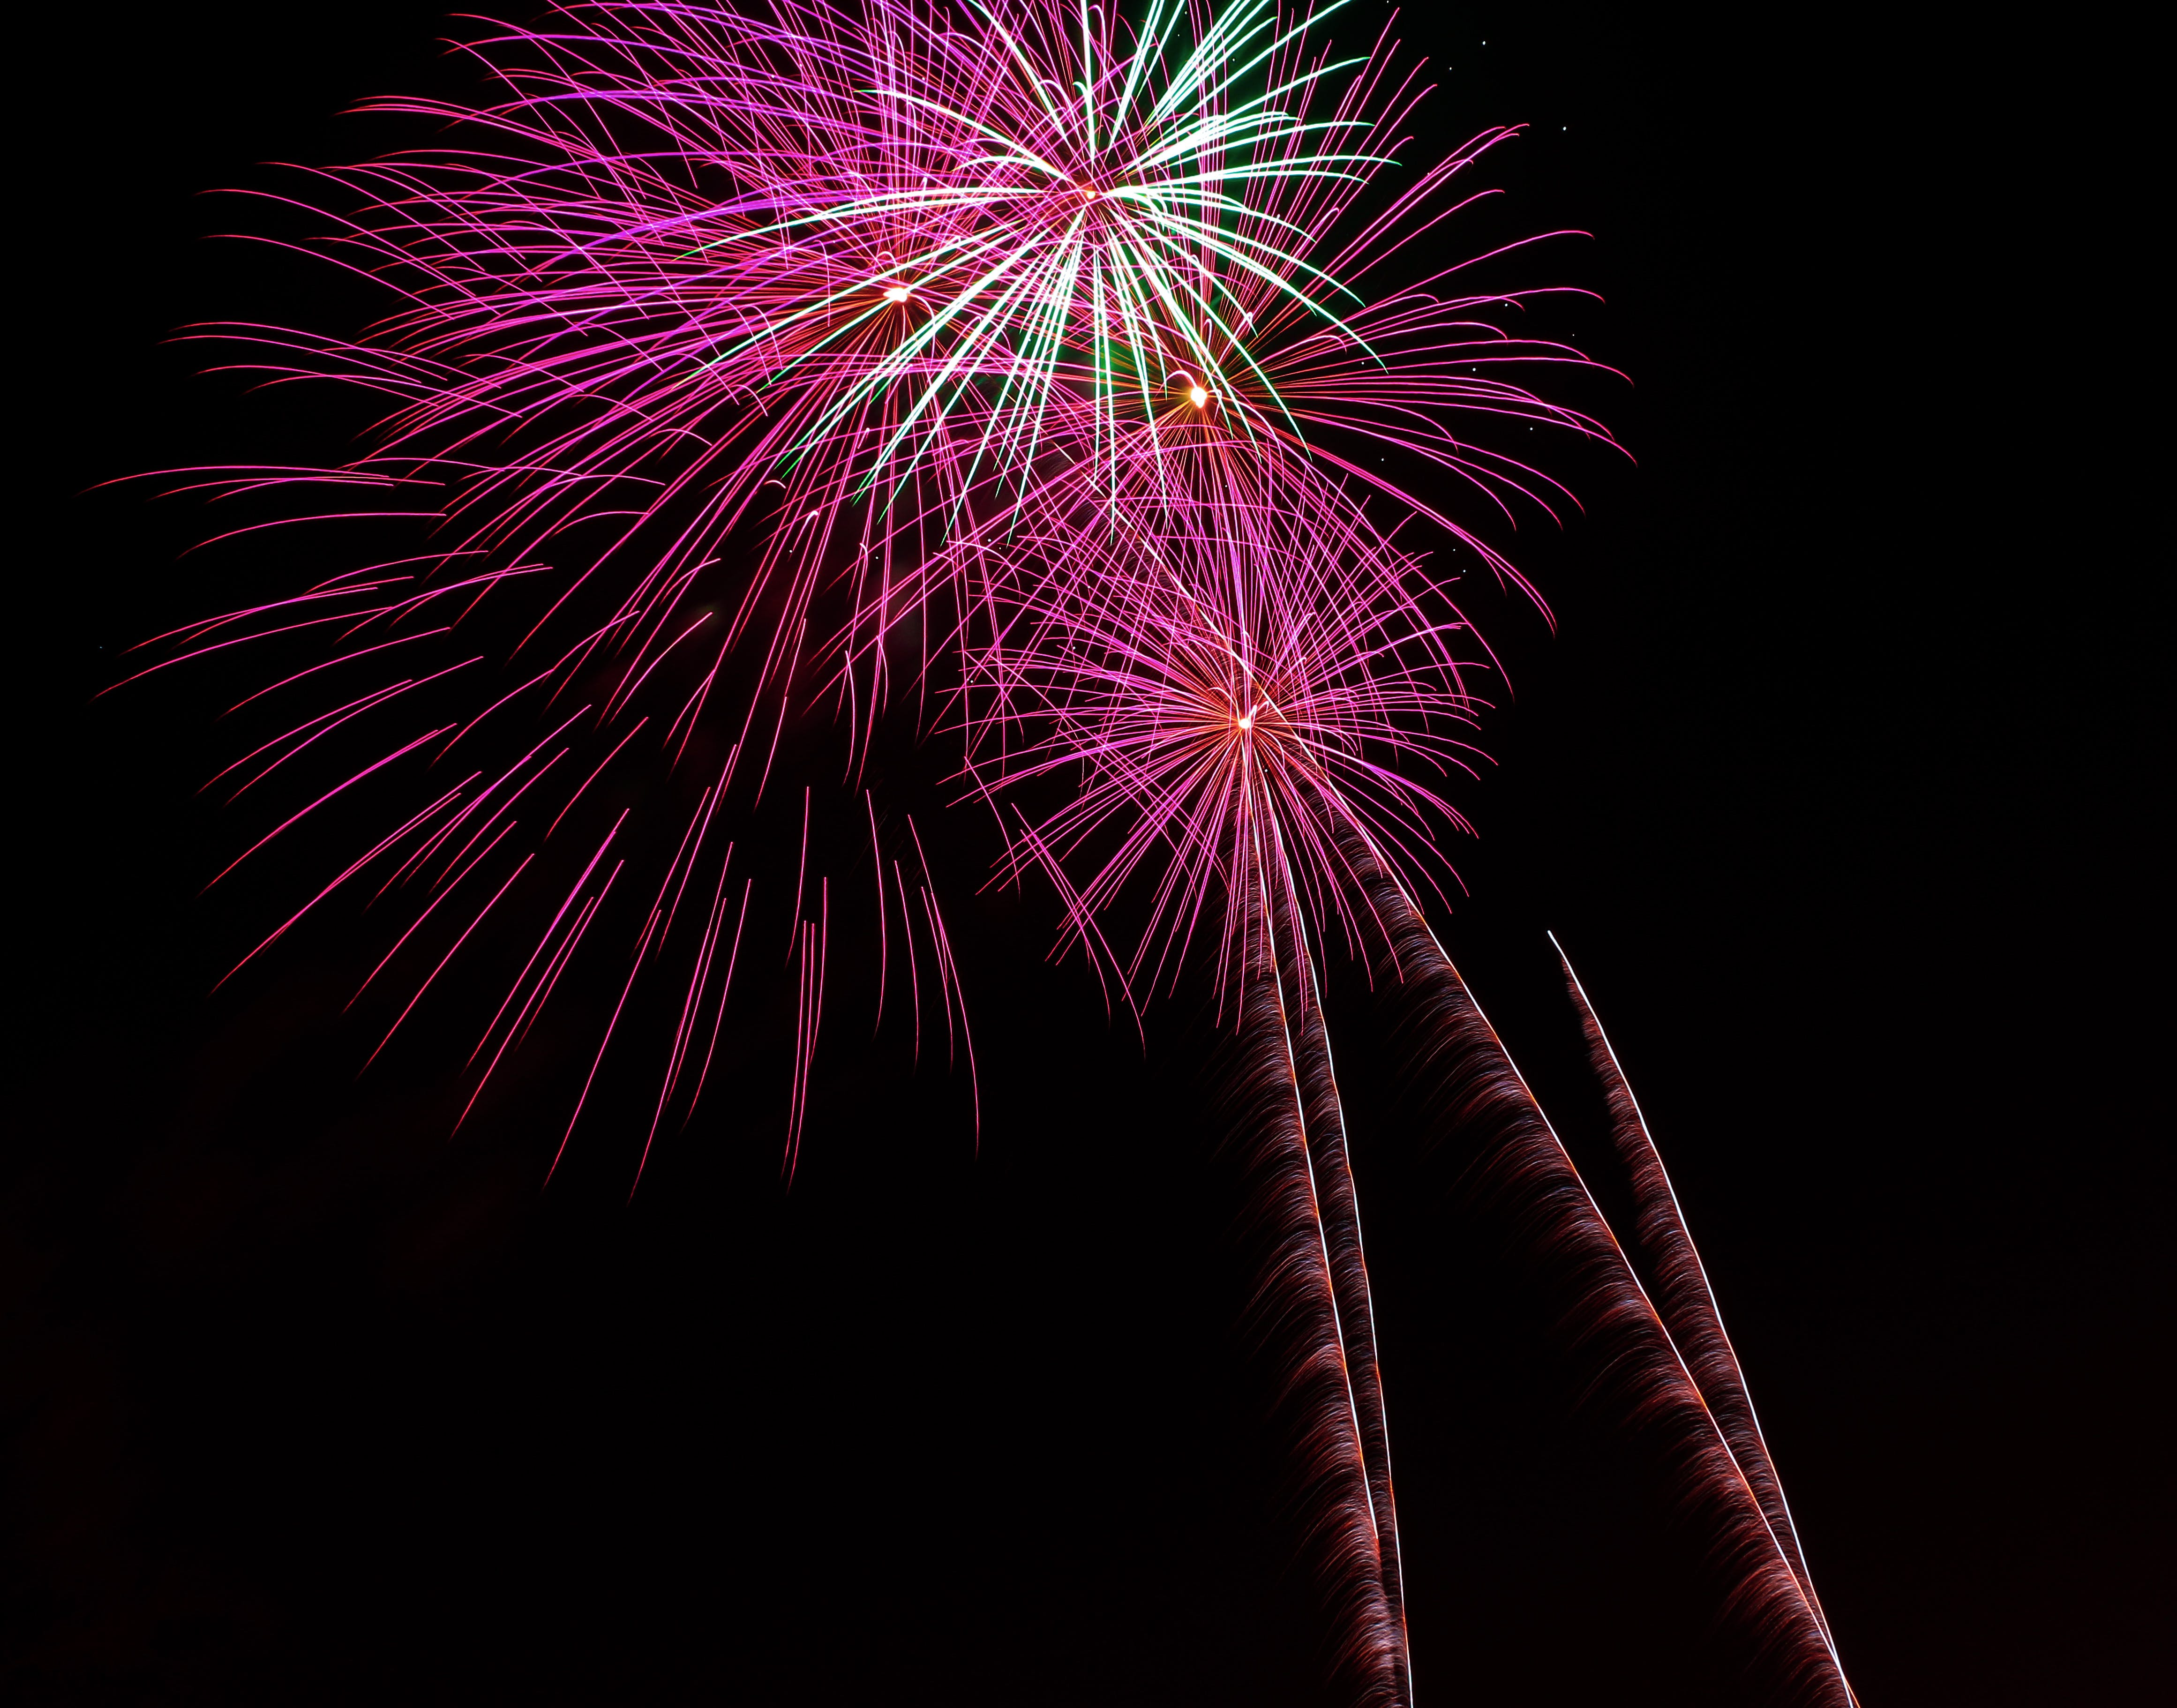 Ảnh lưu trữ miễn phí về bắn pháo hoa, chụp ảnh đêm, màu sắc, sáng